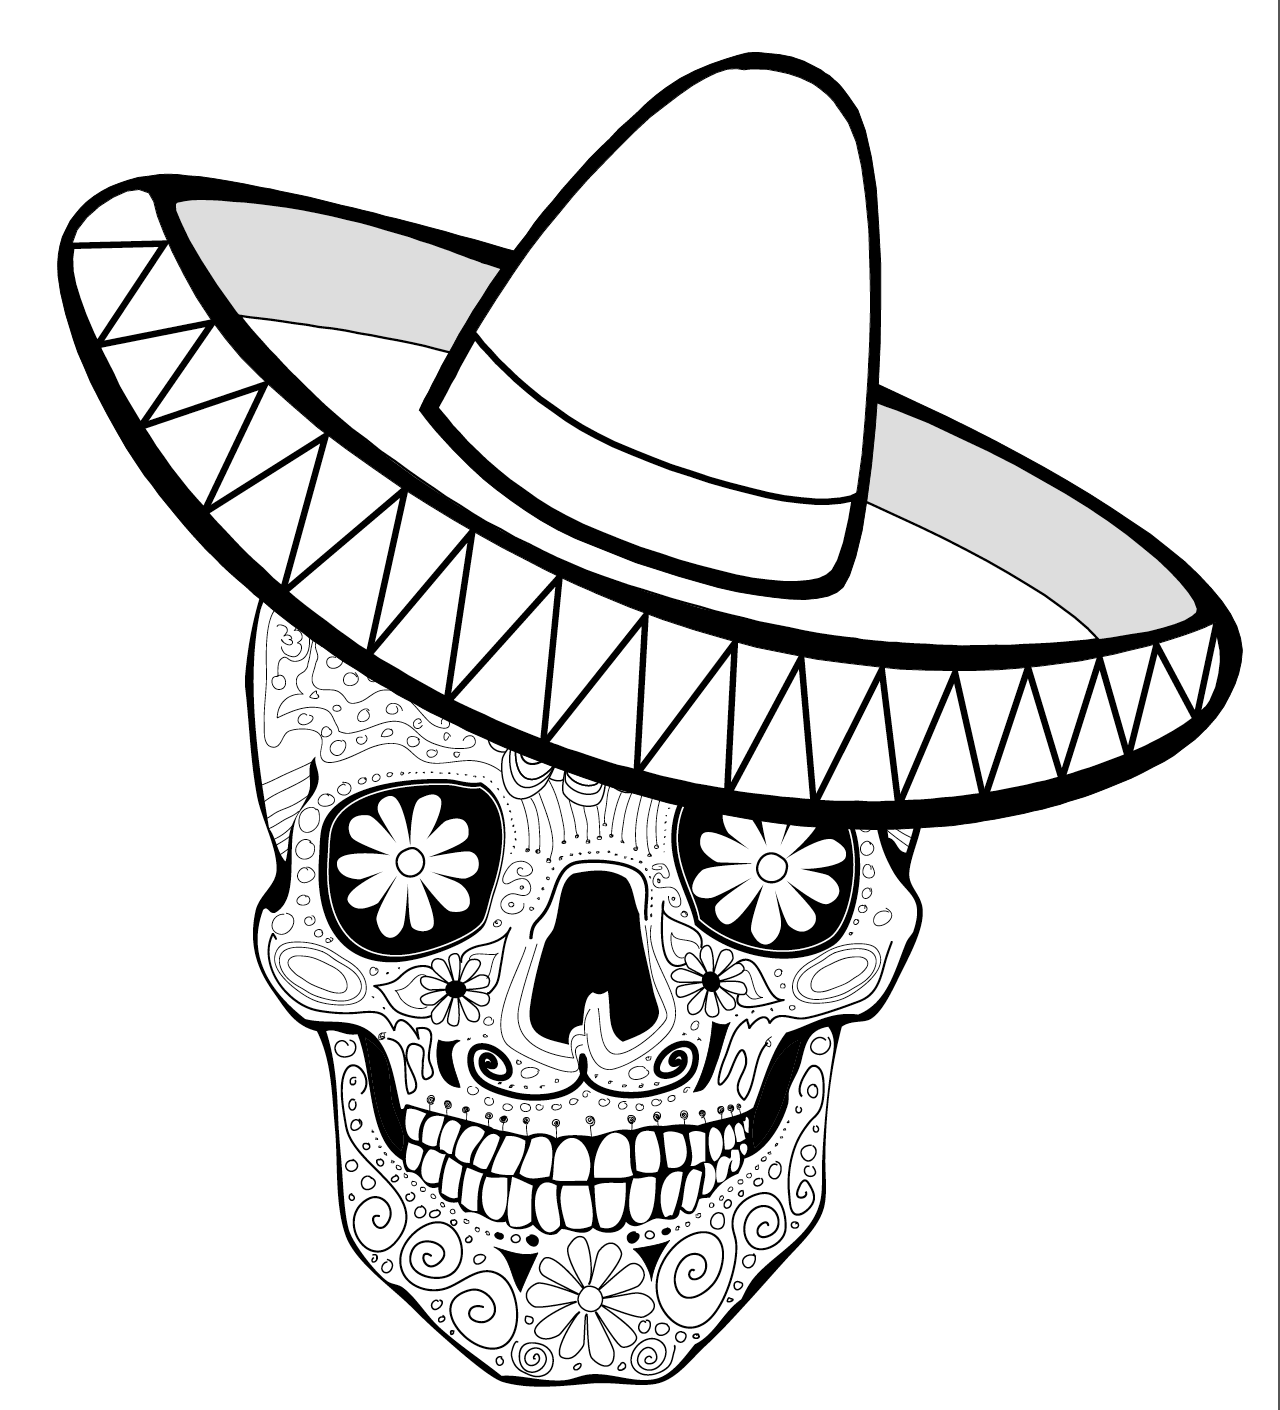 Coloring Page, Día de los Muertos, Calaca with Sombrero